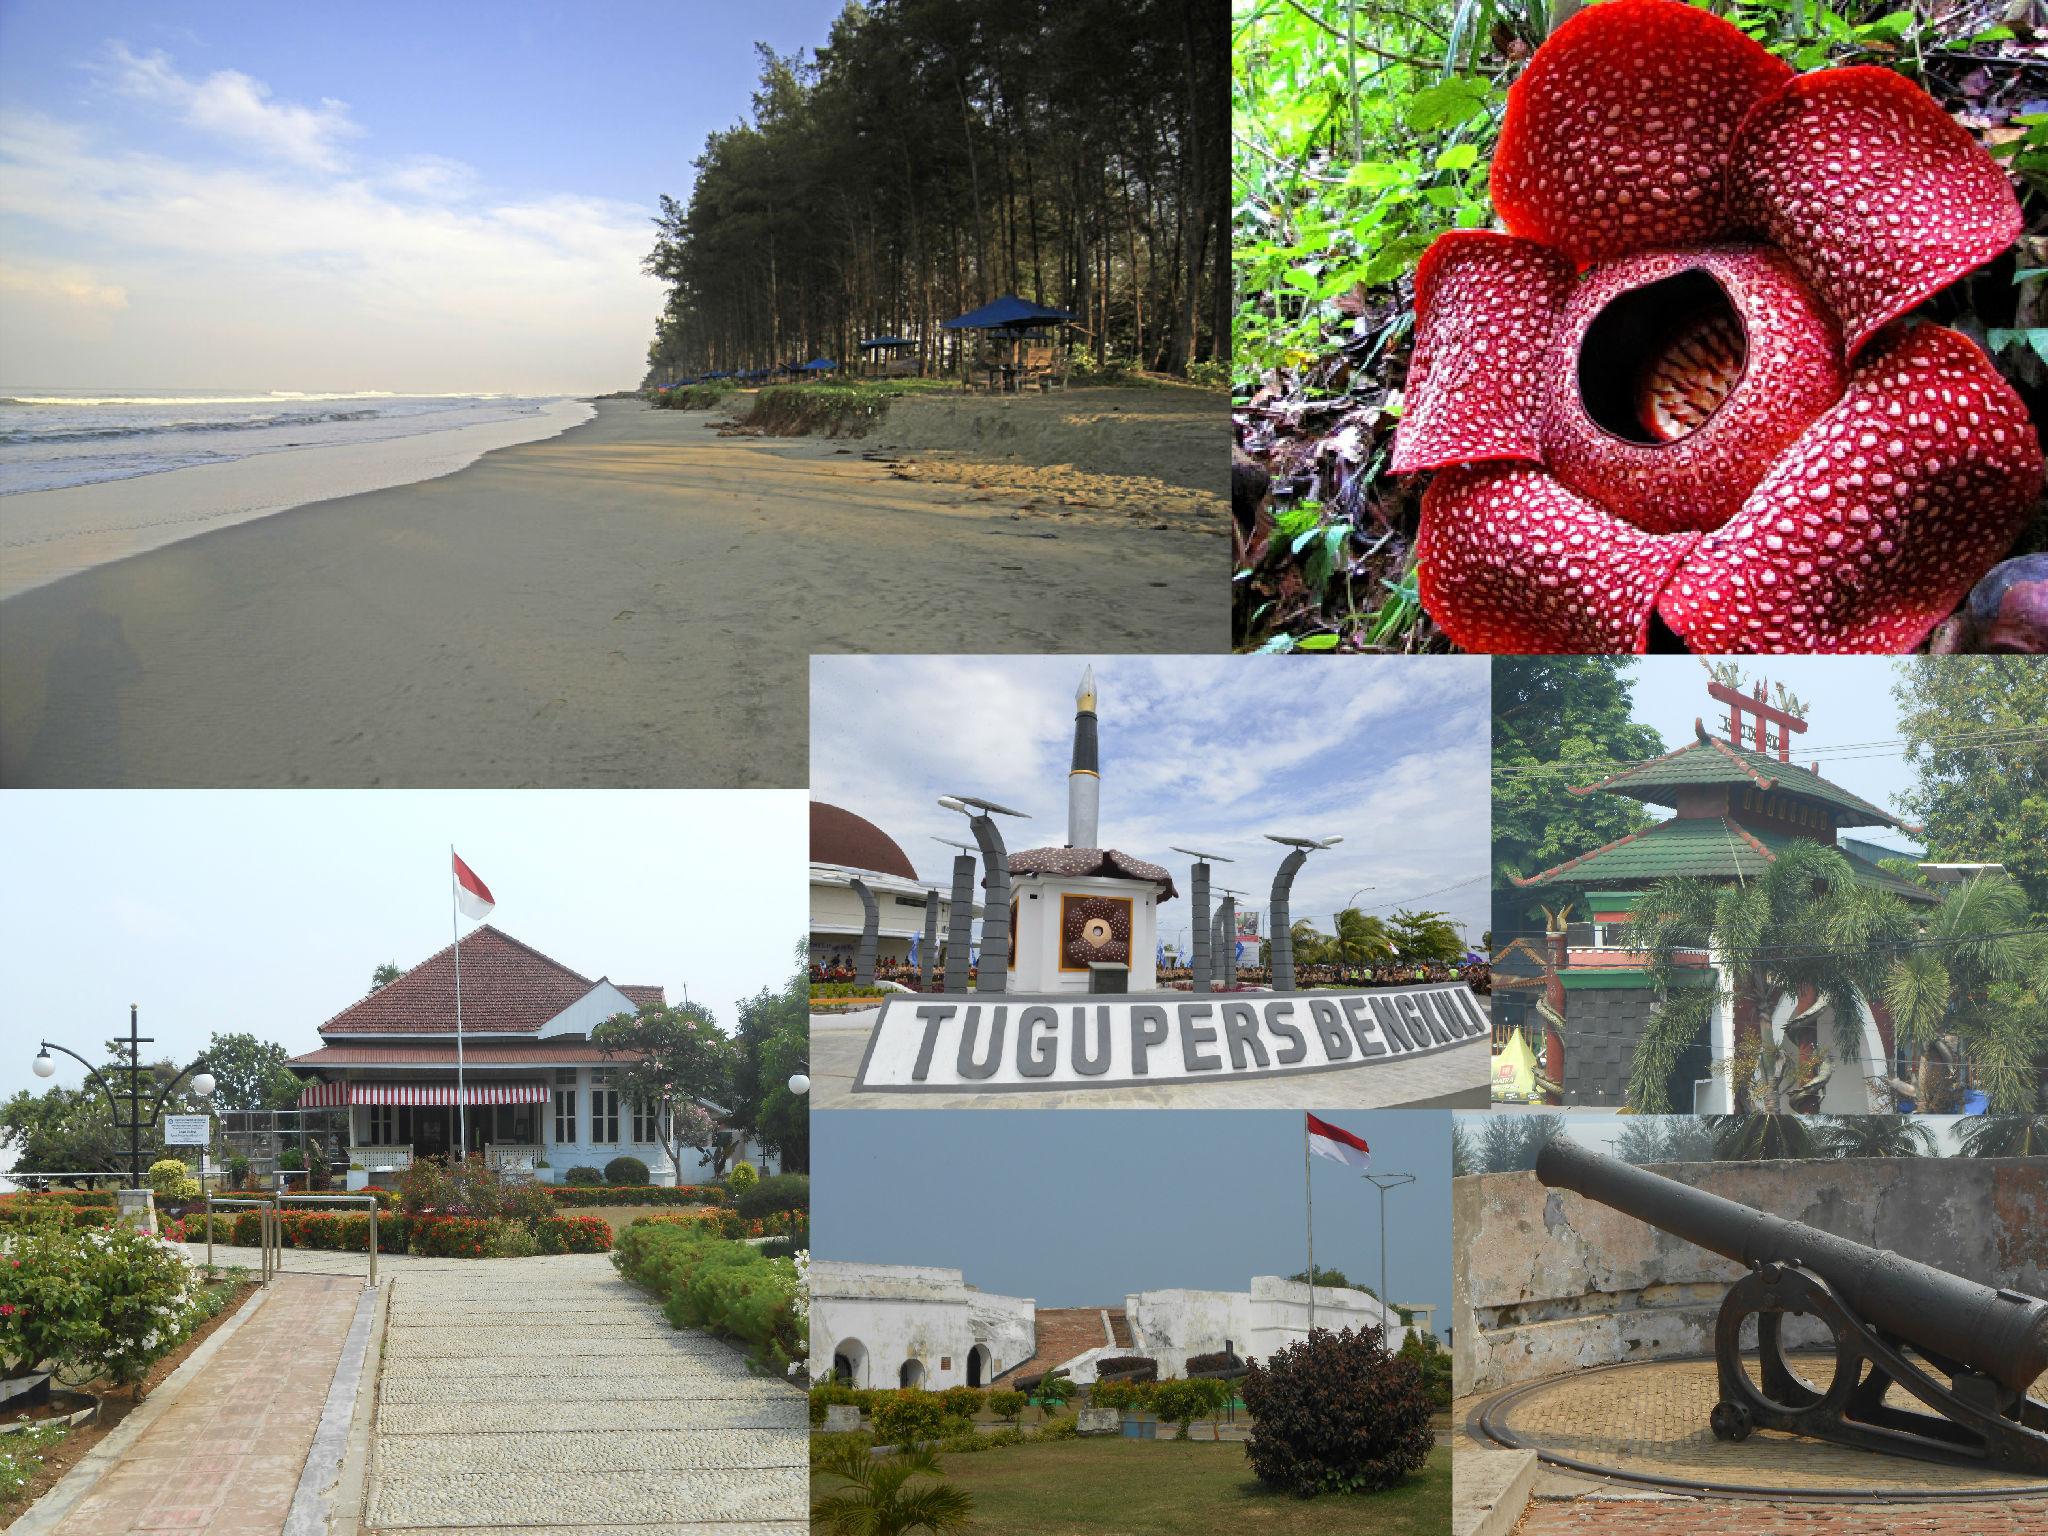 Lost Edisi Kota Raflesia Bengkulu Deantari Tugu Pers